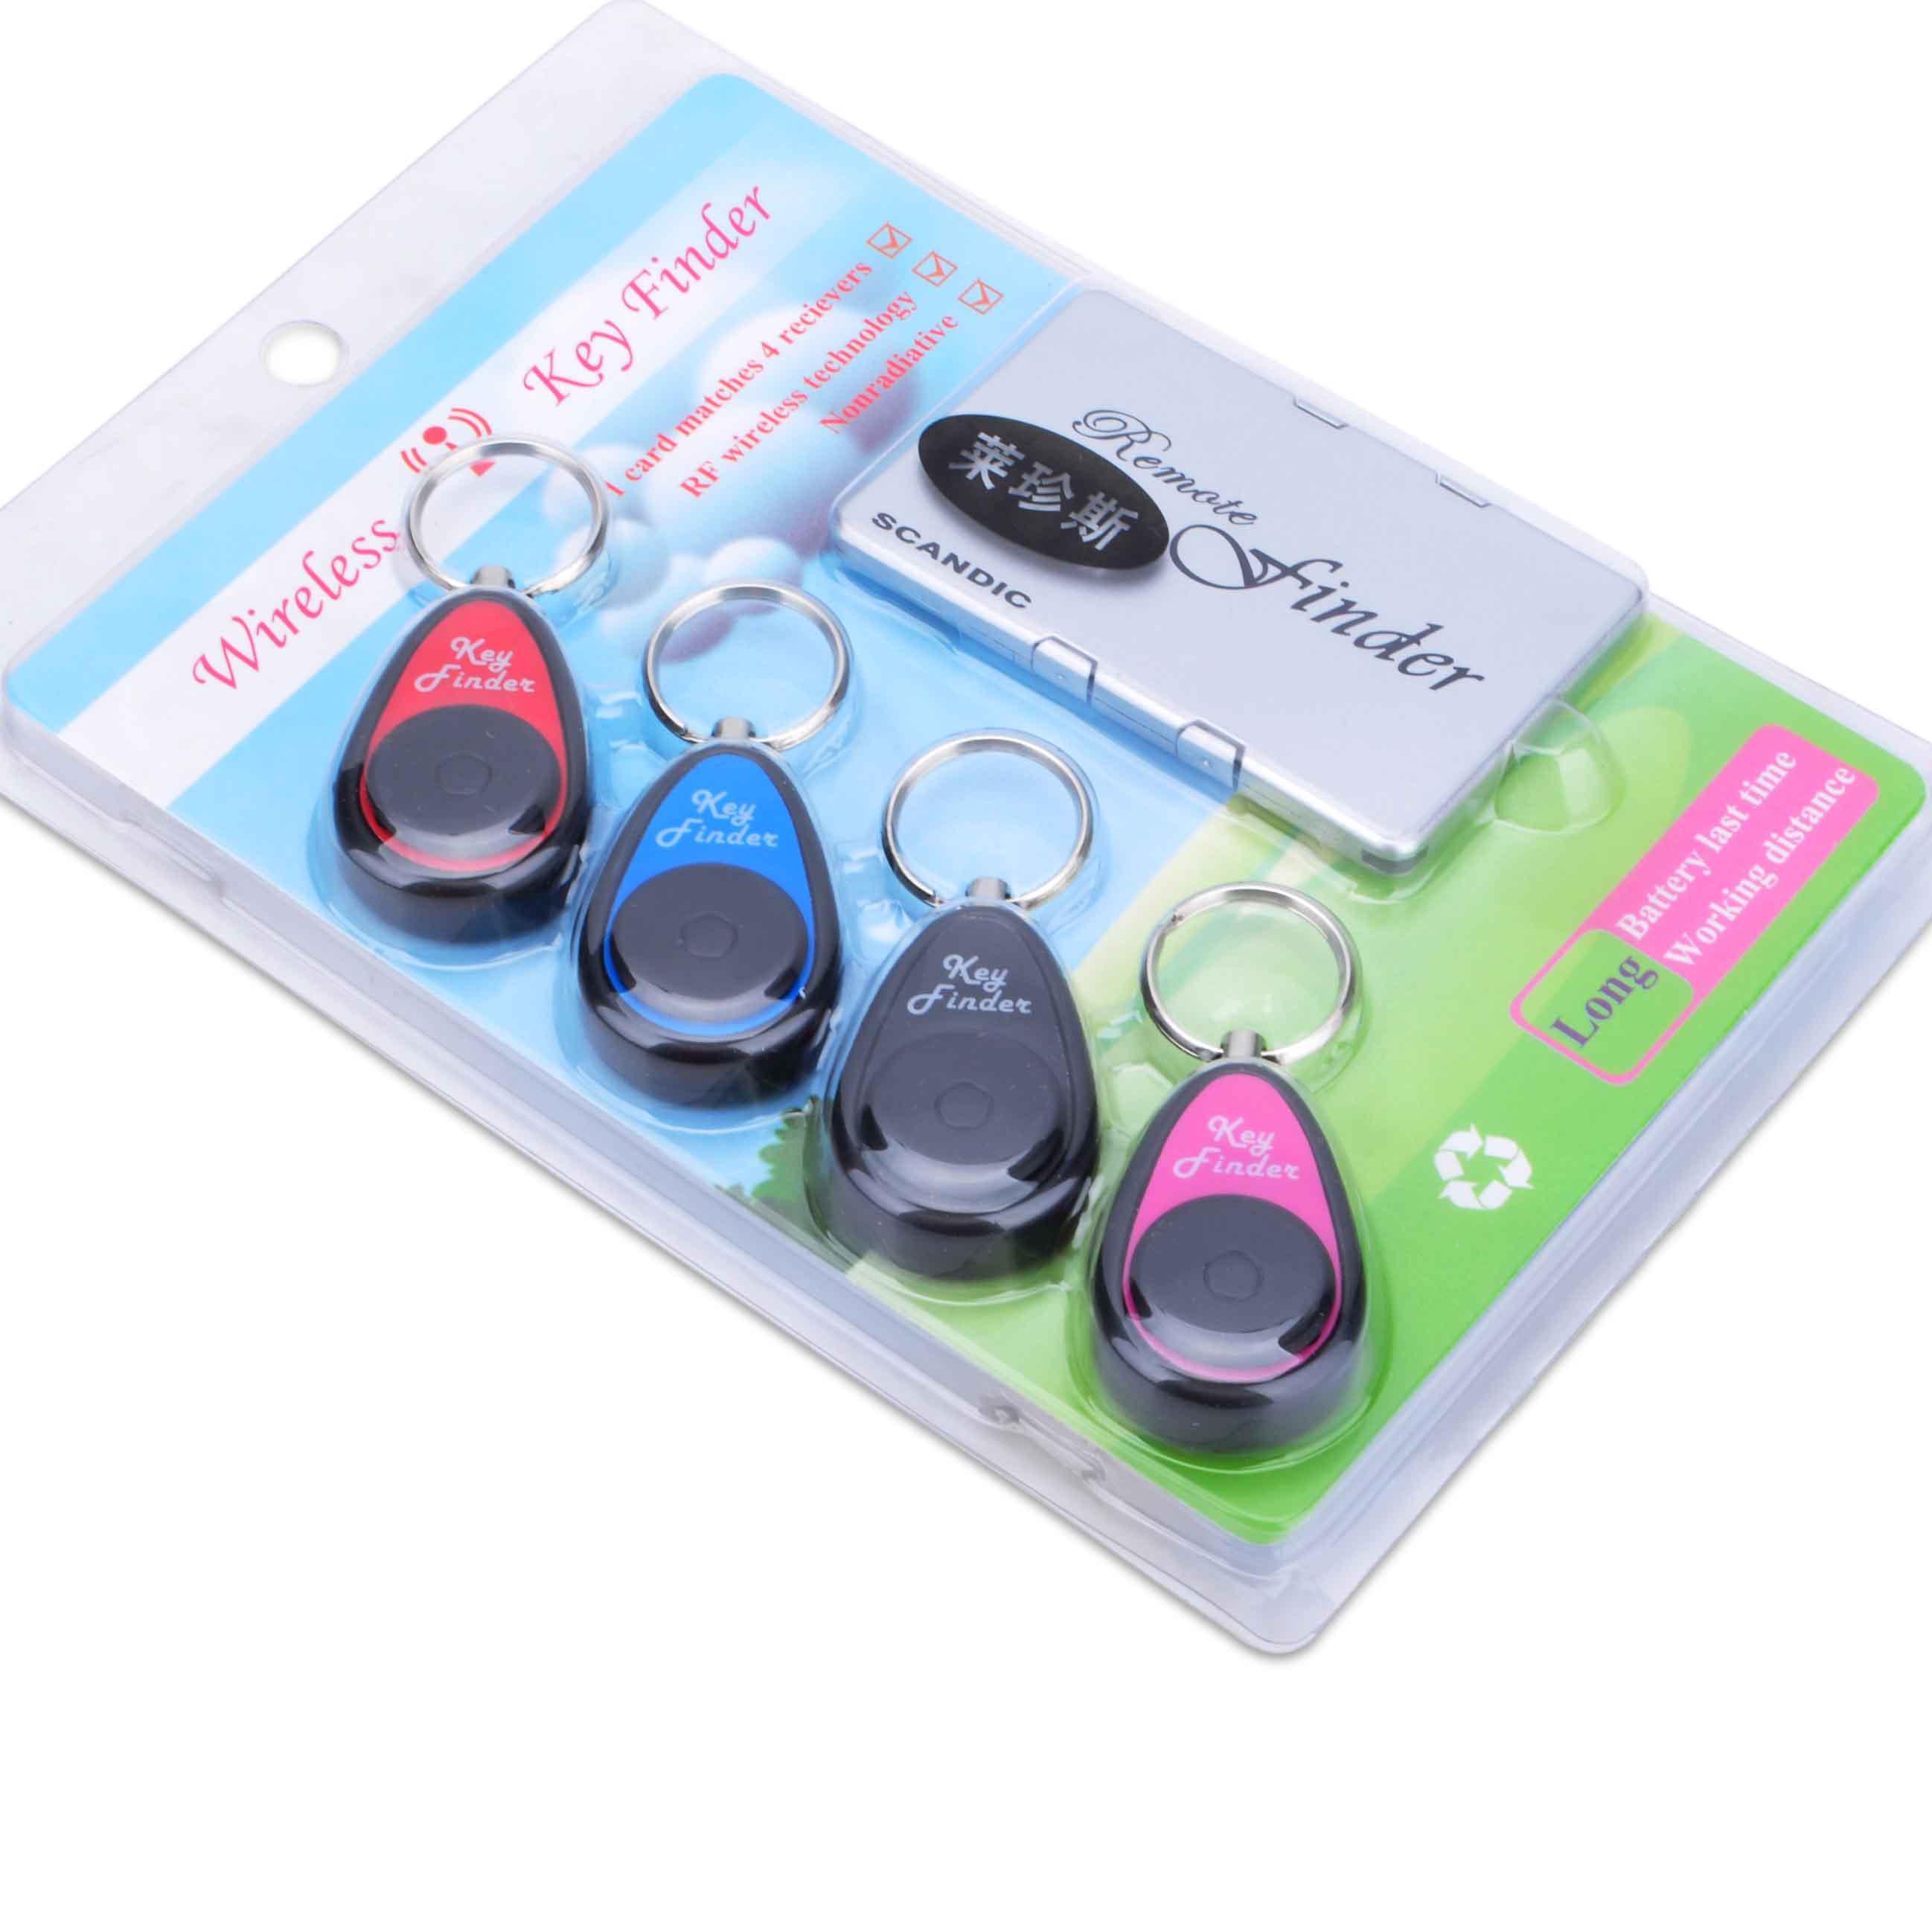 包邮1托4无线钥匙寻找器电子防丢器新奇寻物器创意迷你防丢小礼品